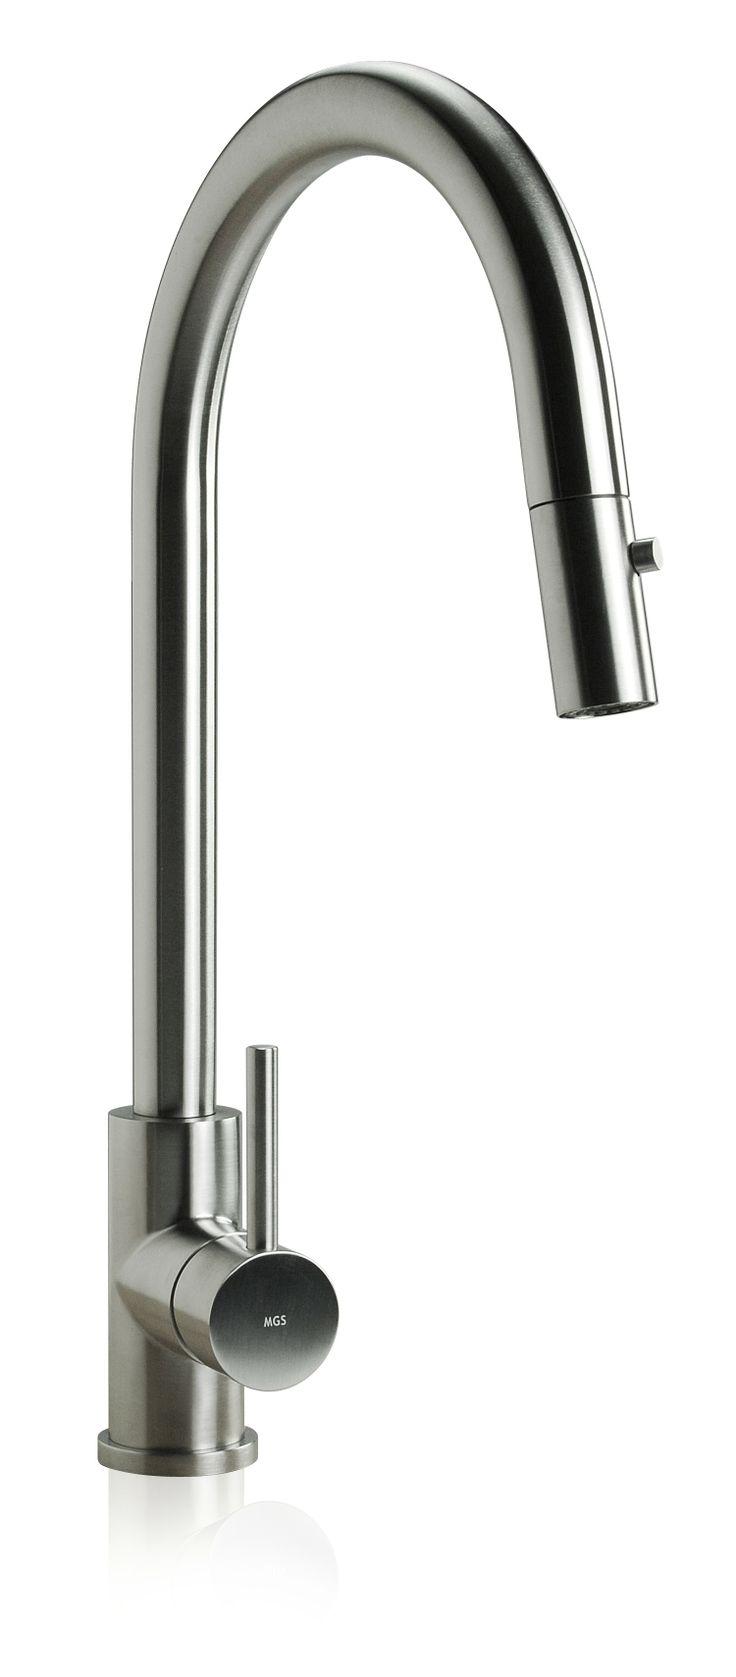 115 besten mgs armaturen bilder auf pinterest moderne badezimmer wandarmaturen und badezimmer - Mgs armaturen ...